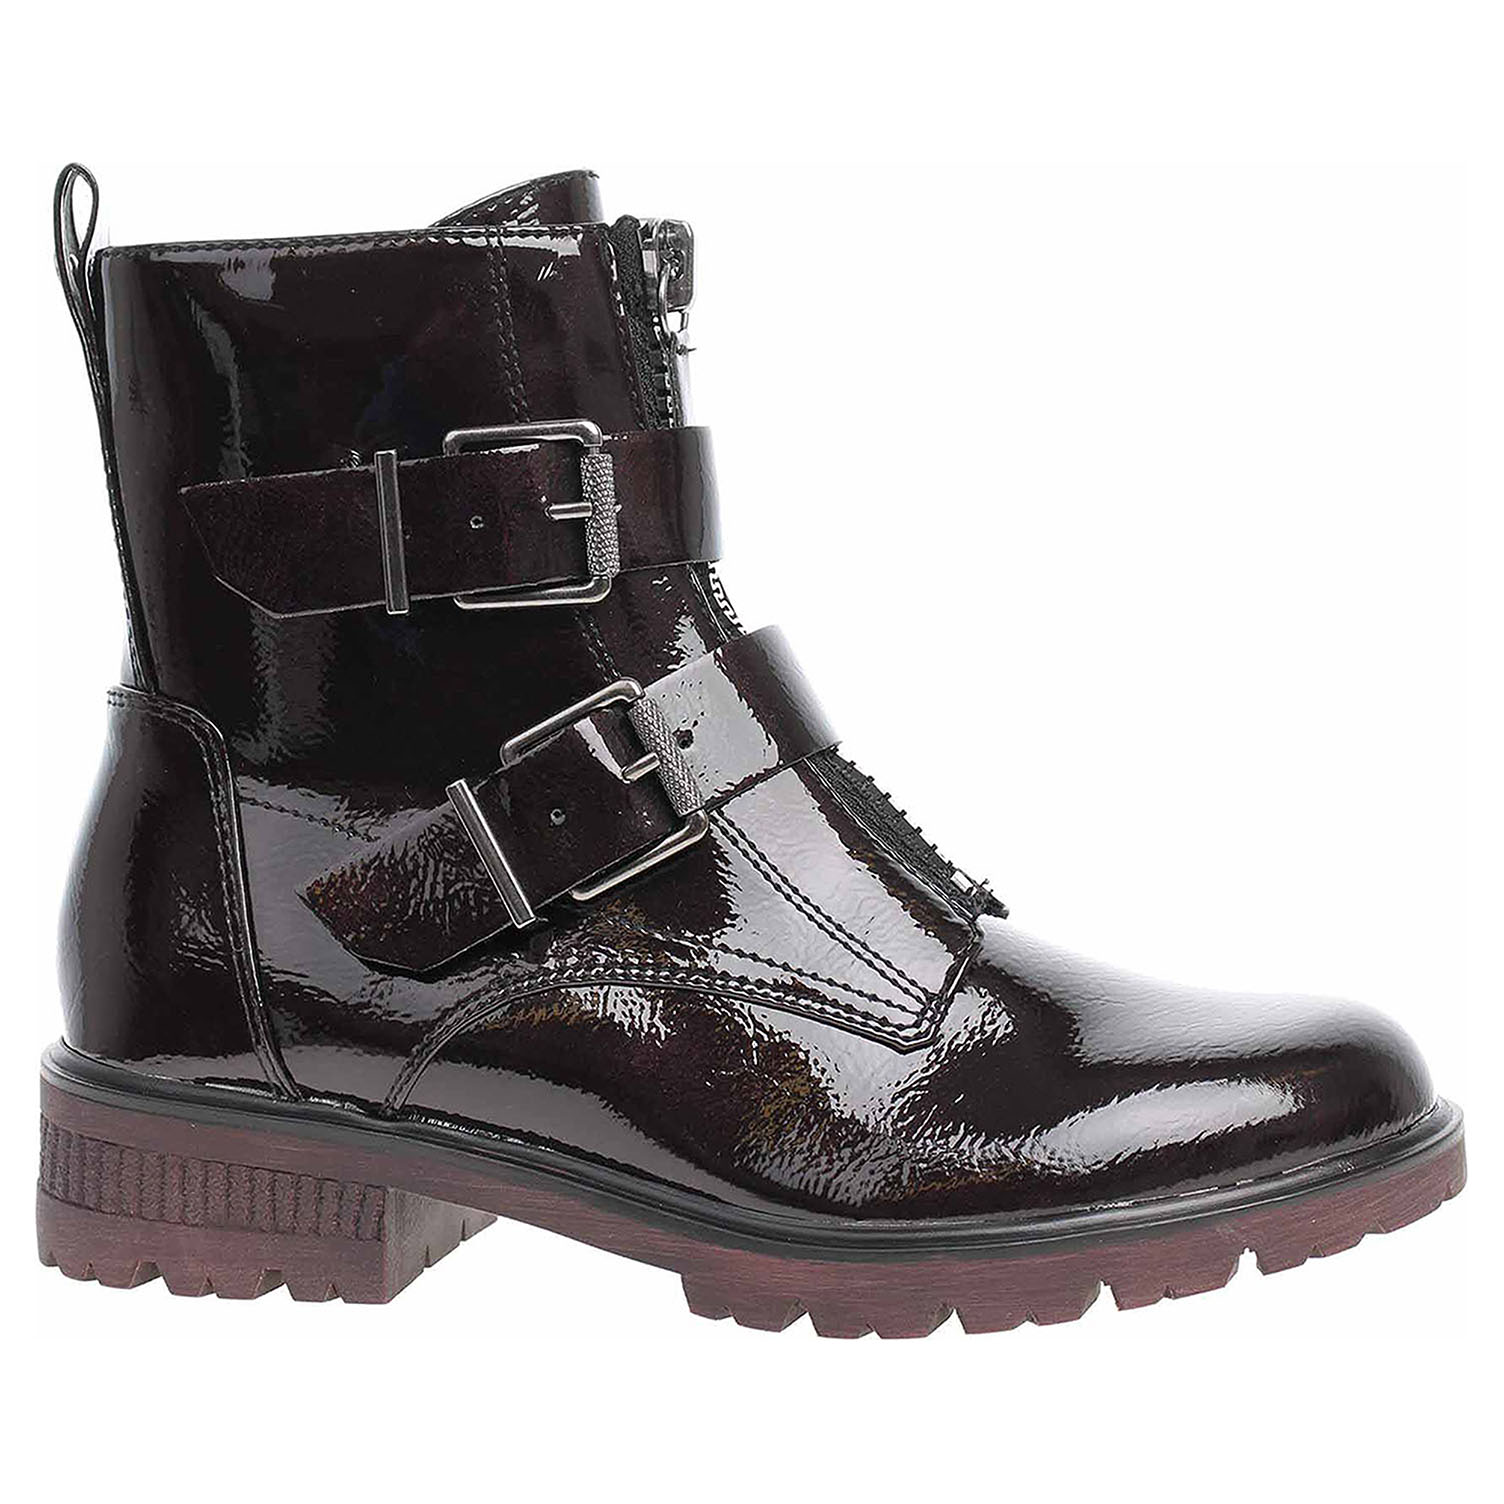 Dámská kotníková obuv Tamaris 1-25414-23 dk.bordo patent 1-1-25414-23 564 37